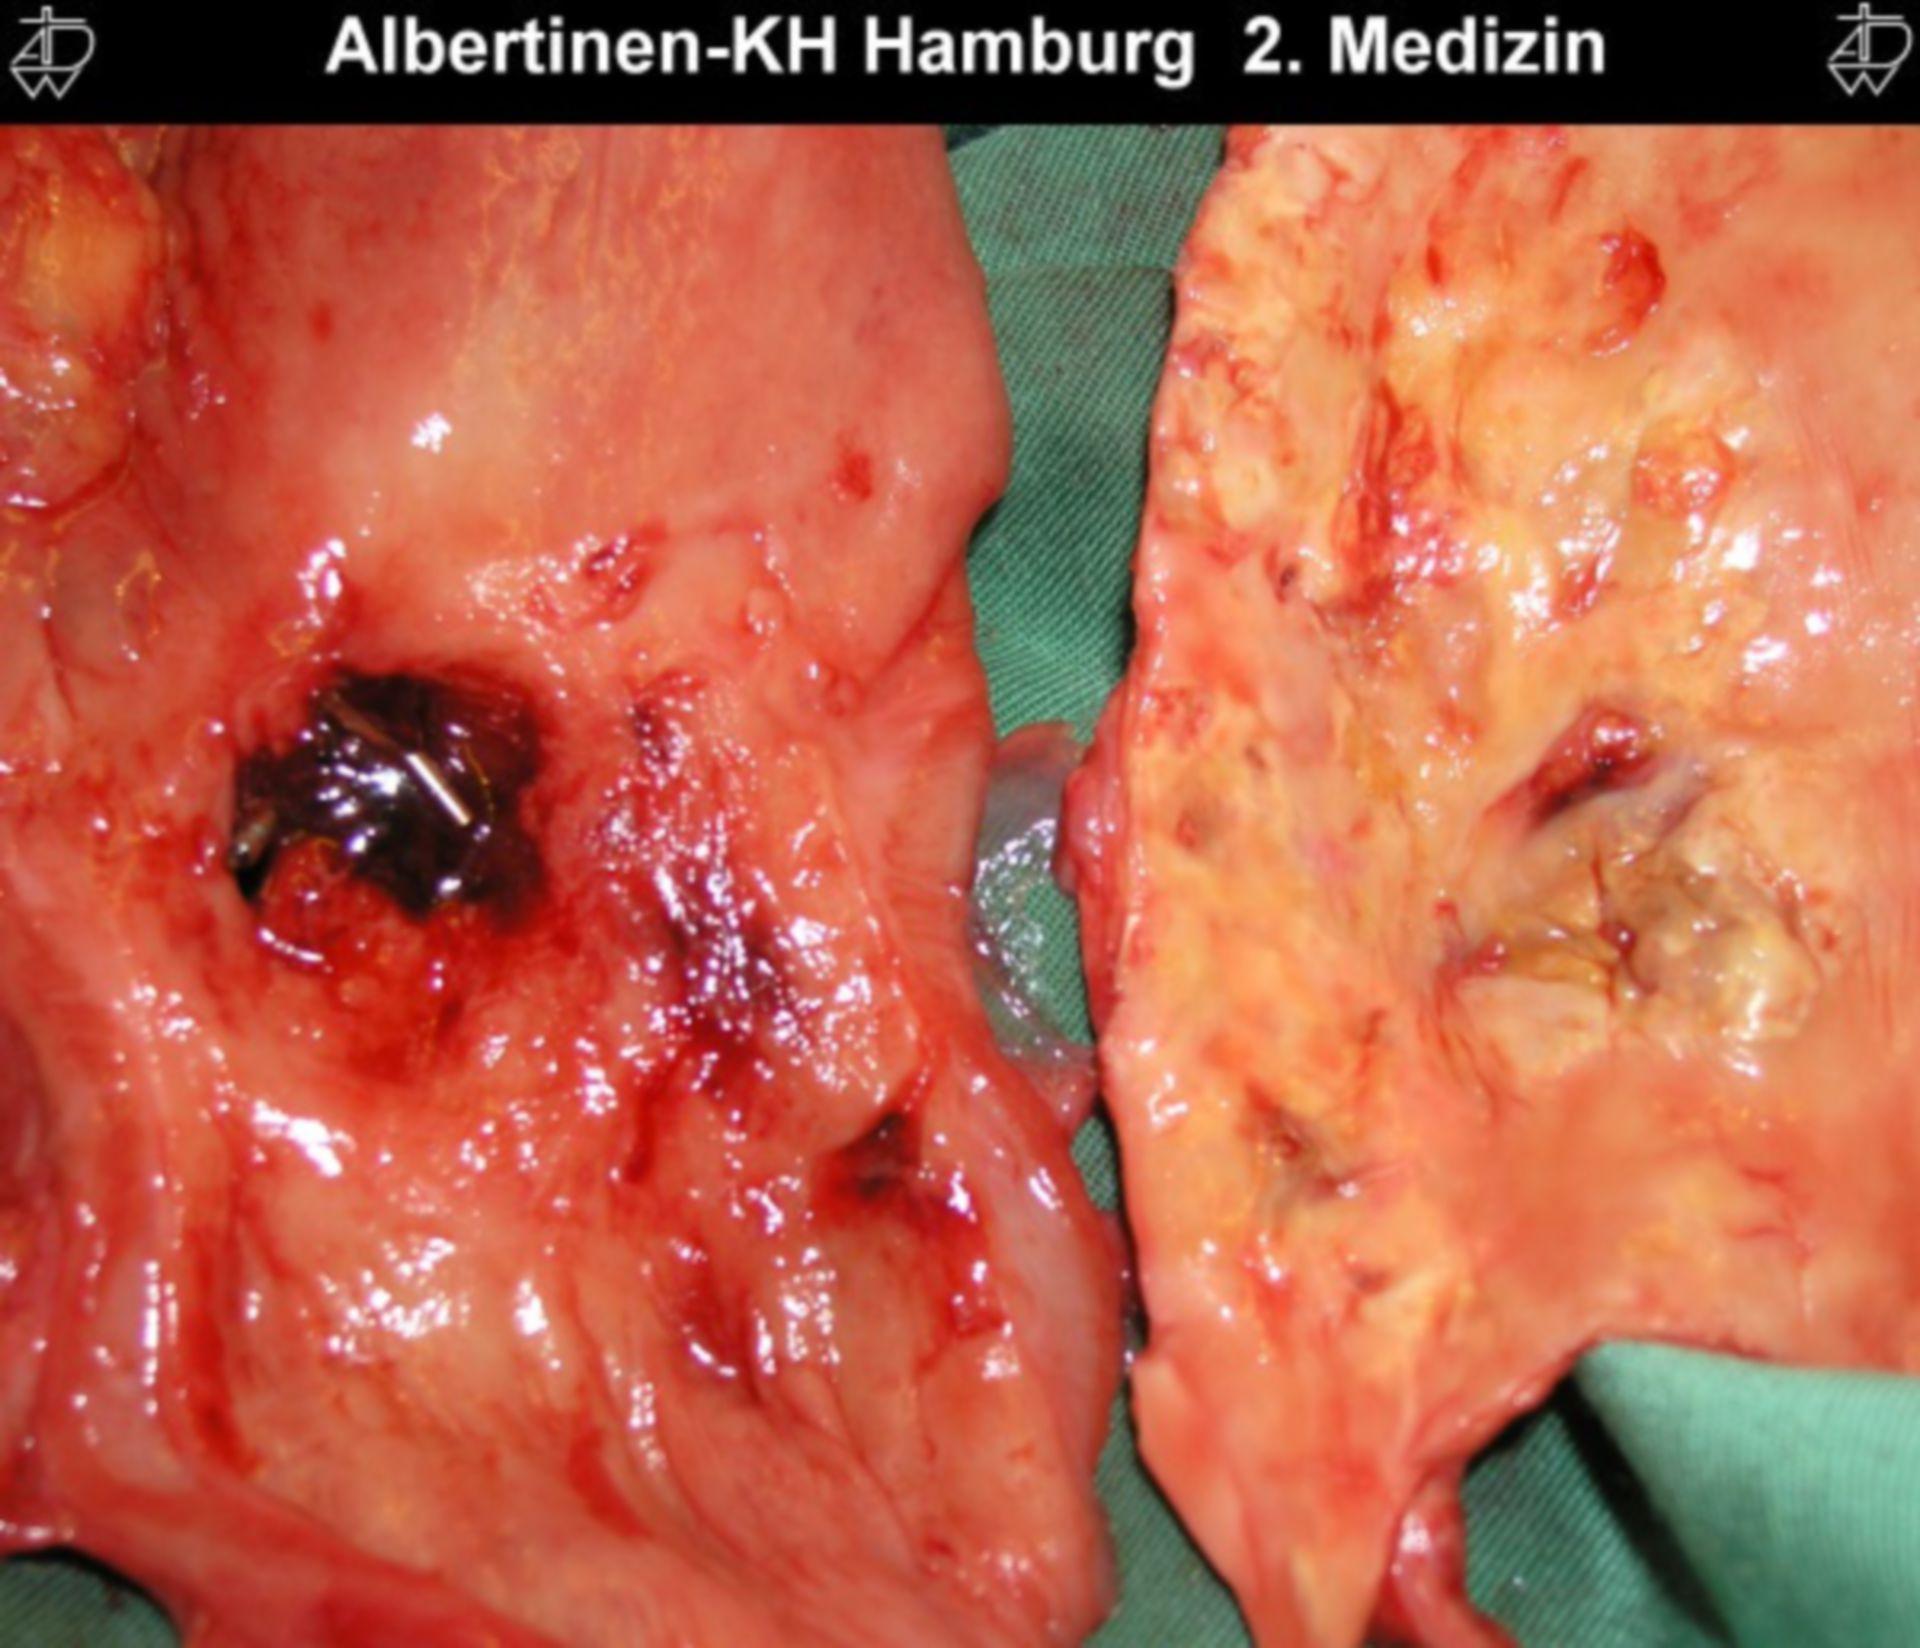 Perforazione dell'aorta